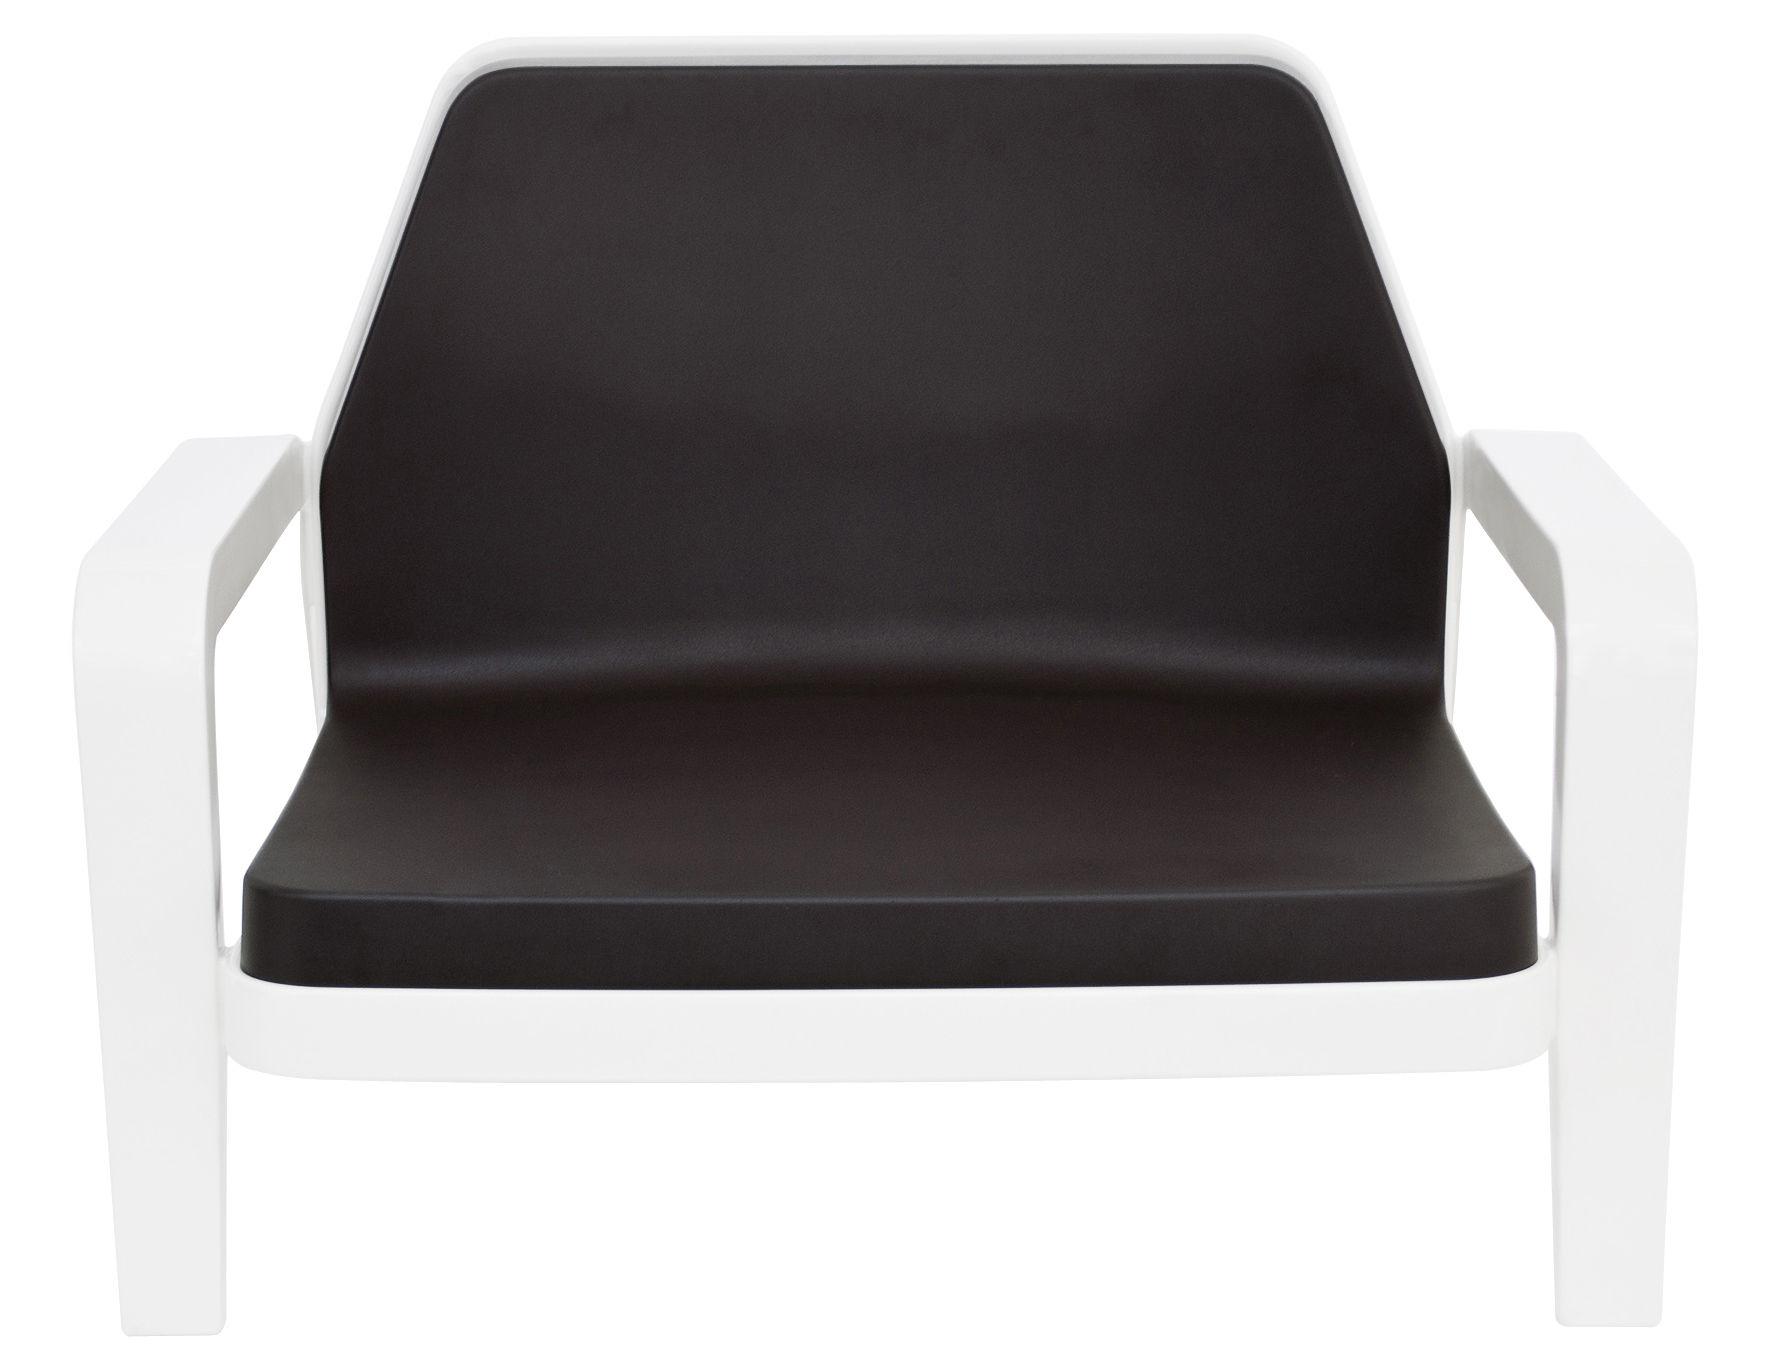 Mobilier - Fauteuils - Fauteuil bas America / Rembourré - Slide - Structure blanche /coussin chocolat - Polyéthylène, Polyuréthane